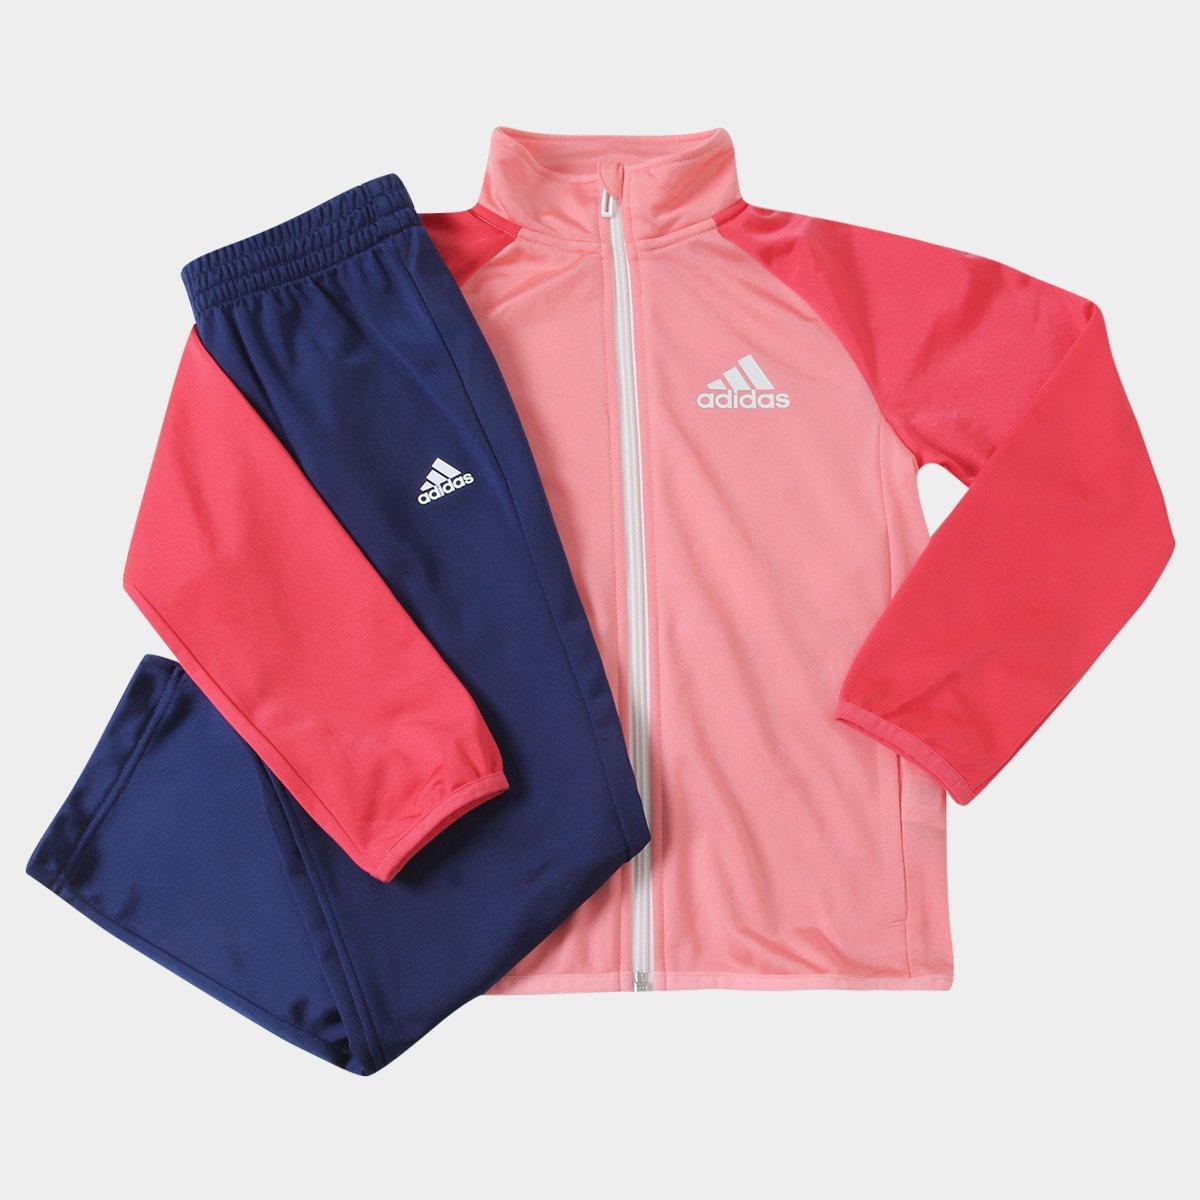 83ec2a8d63e Agasalho Adidas Yb Ts Entry Oh Infantil - Compre Agora